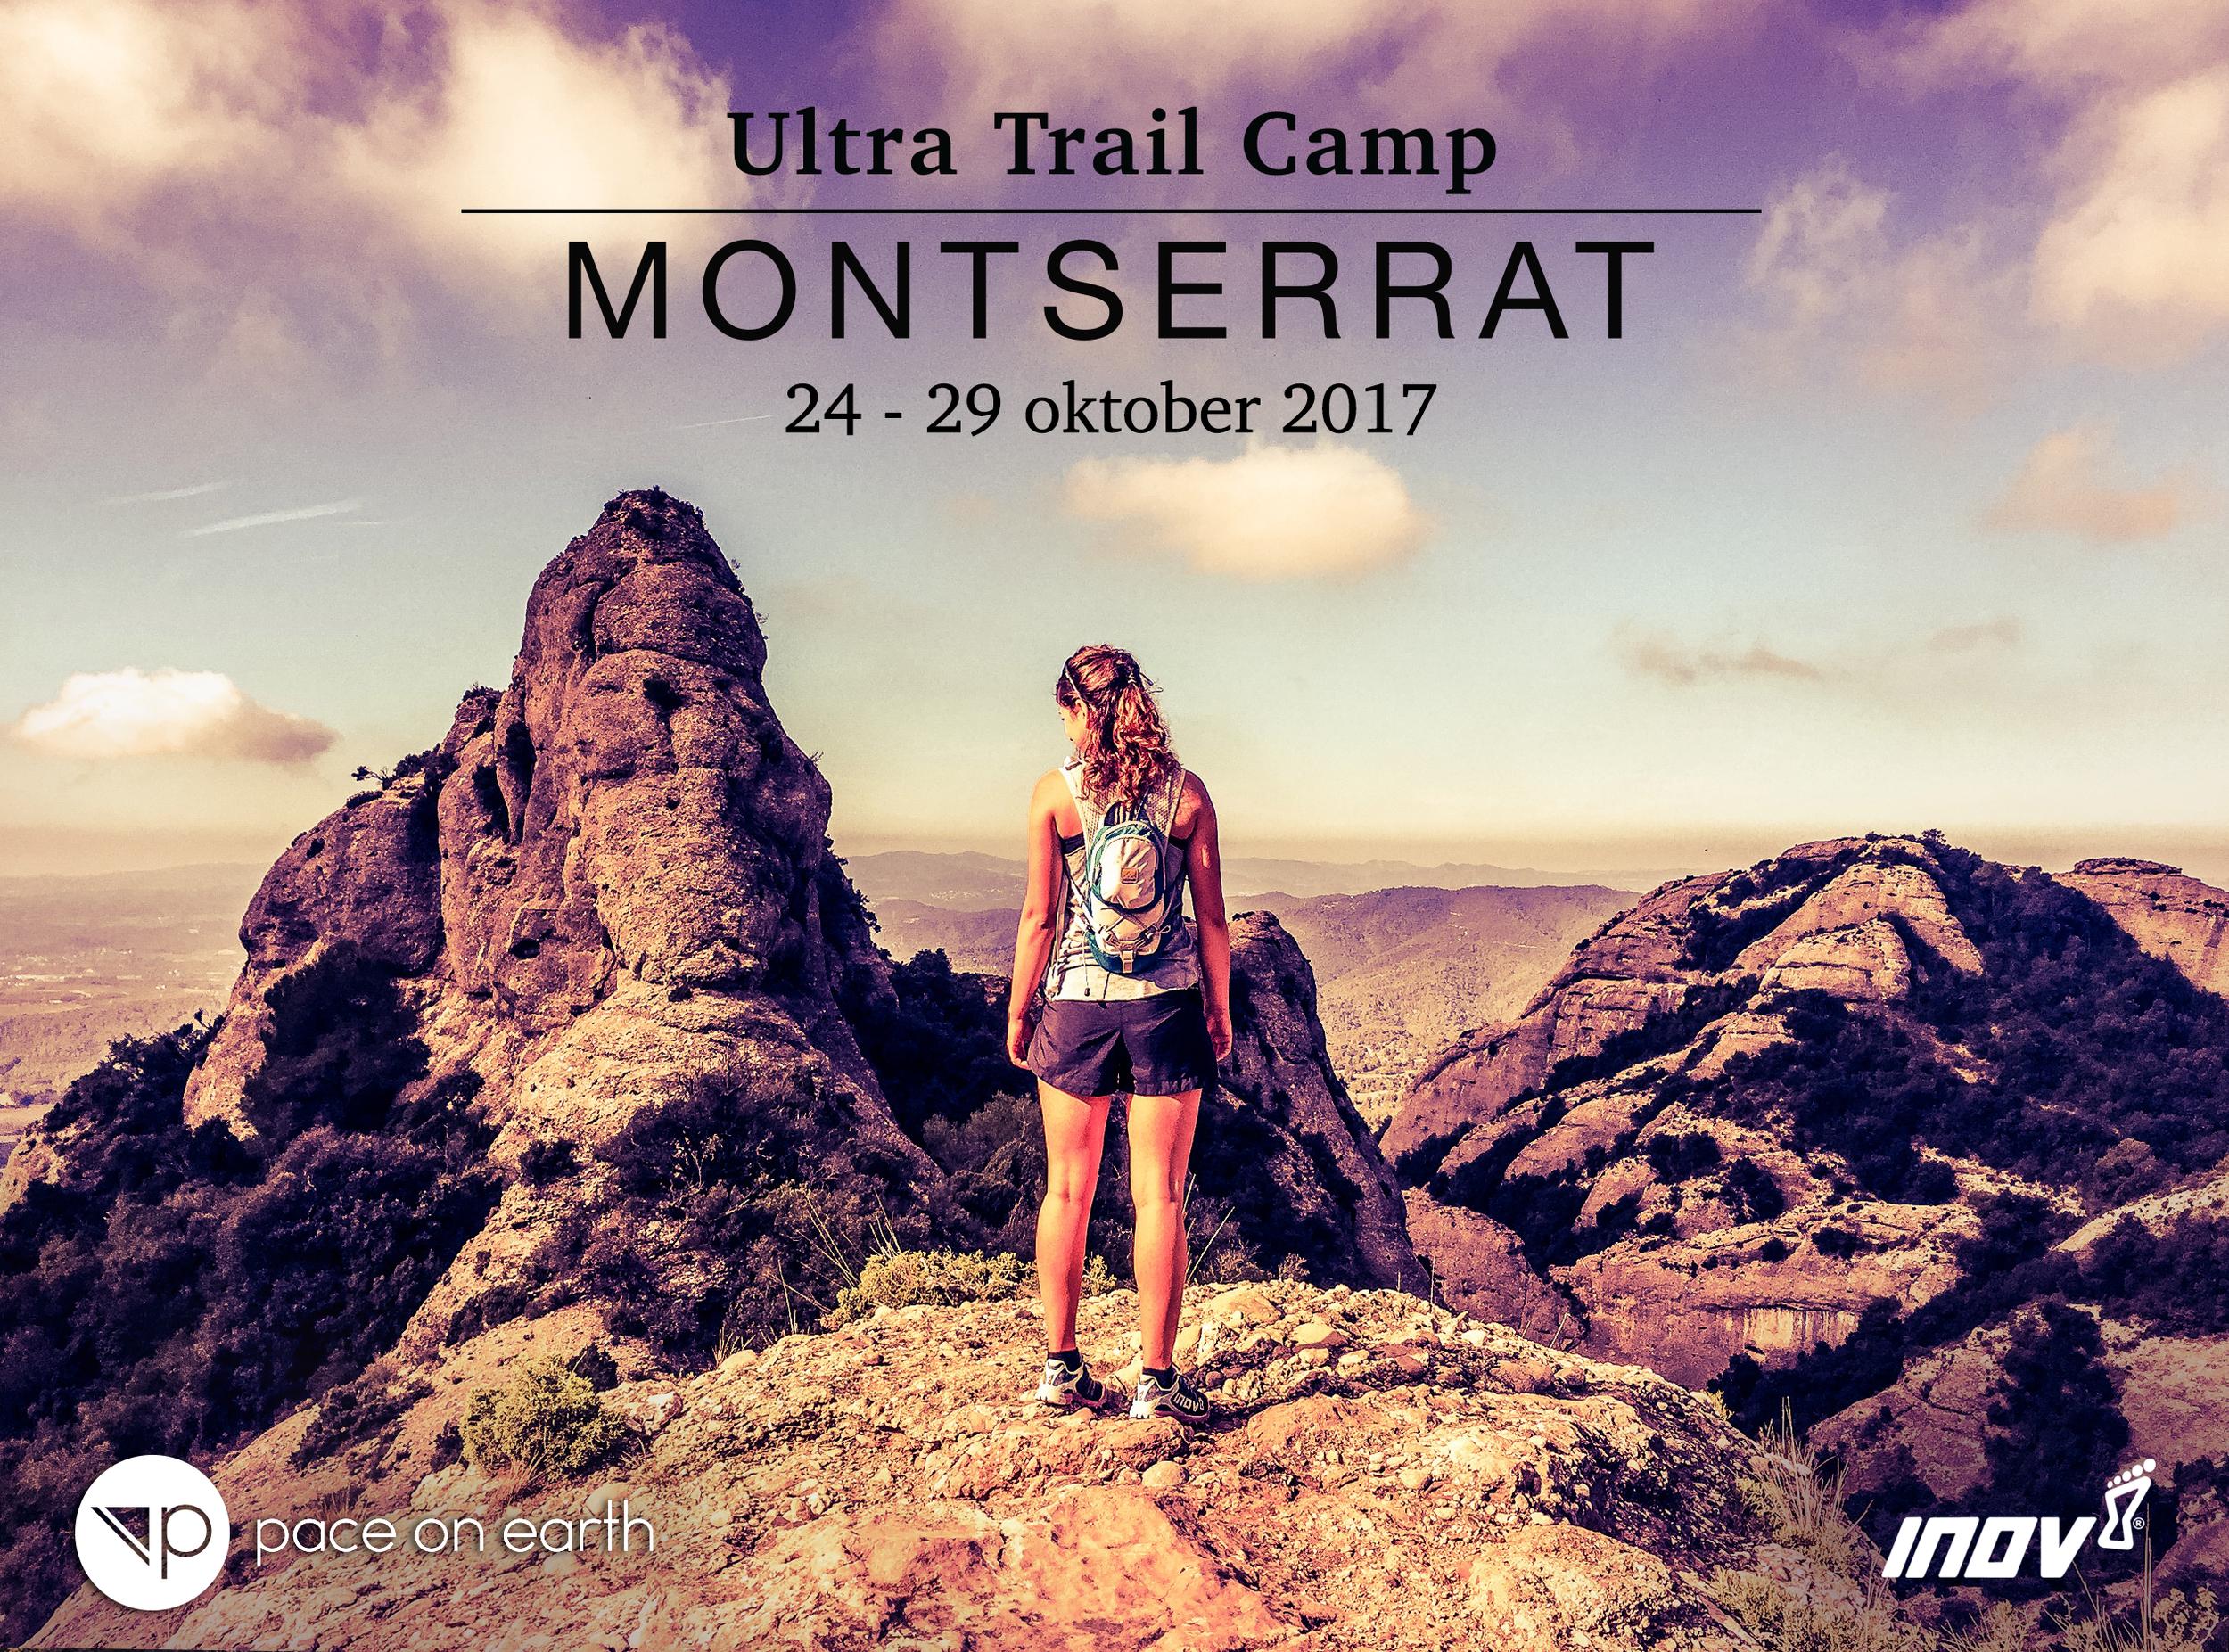 Läs inbjudan till Ultra Trail Camp Montserrat 2017 >